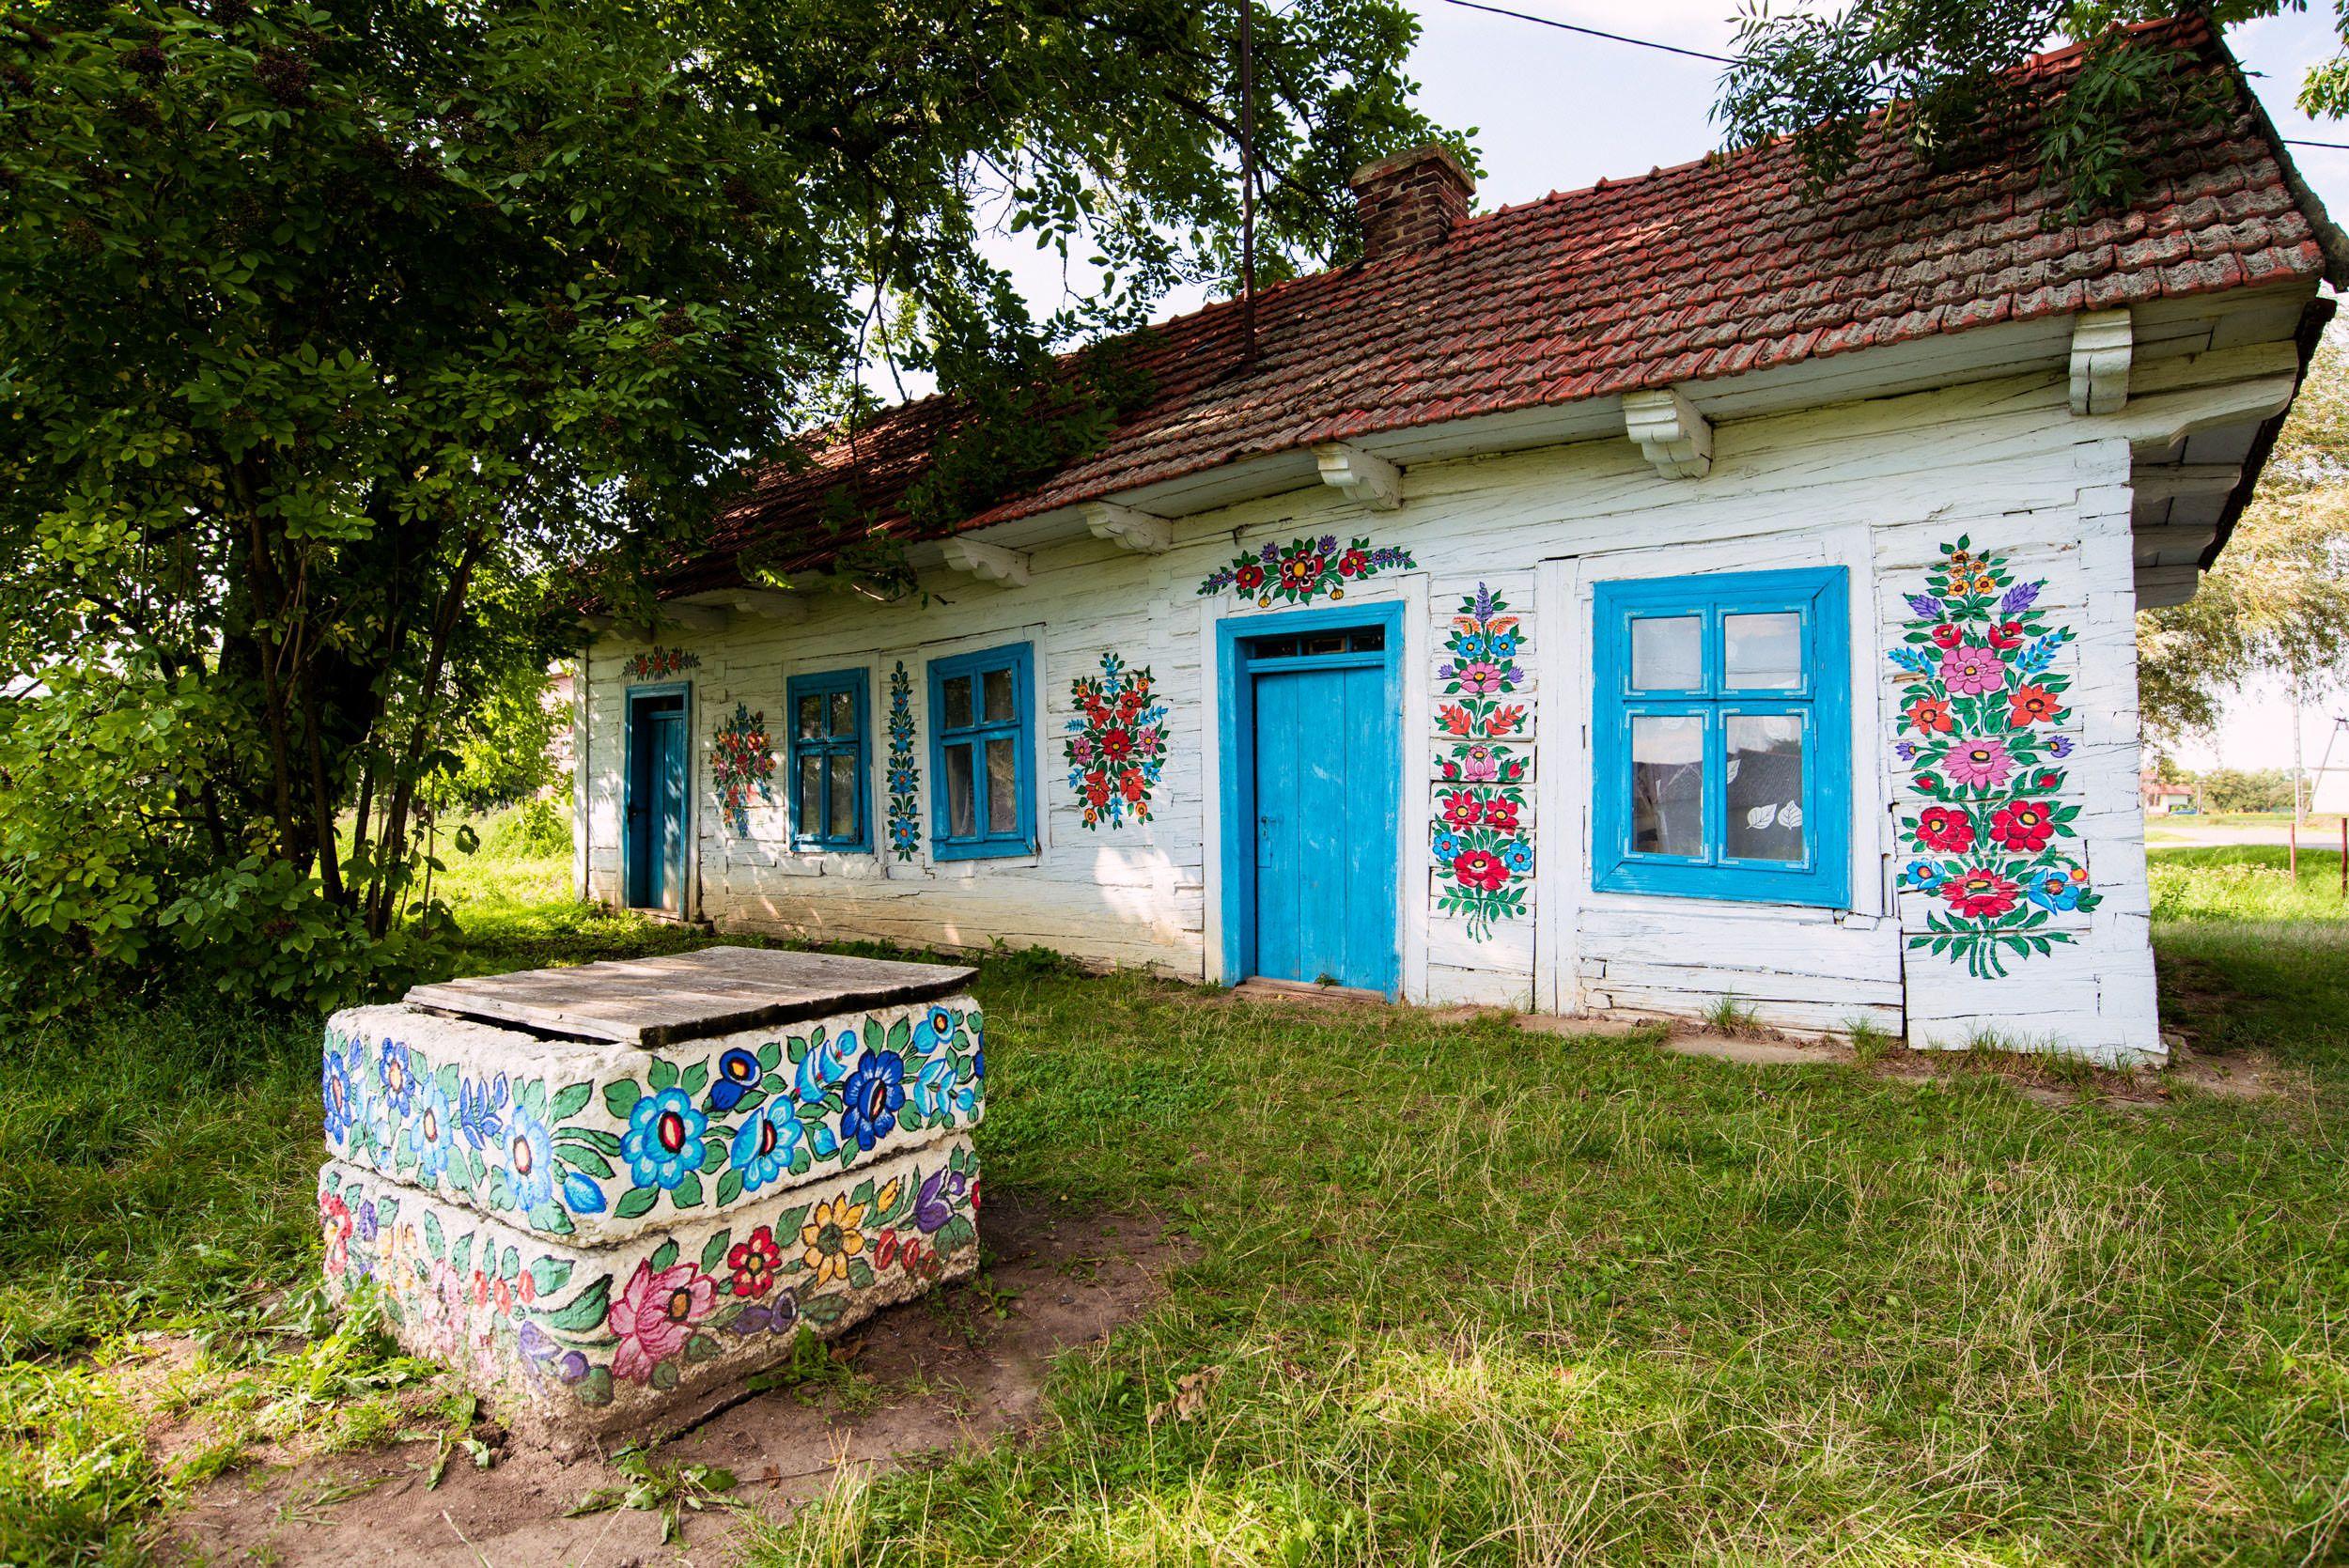 Czy To Jest Najpiekniejsza Polska Wies Malowane Zalipie Duze Podroze Polish Folk Art House Painting Cool Paintings